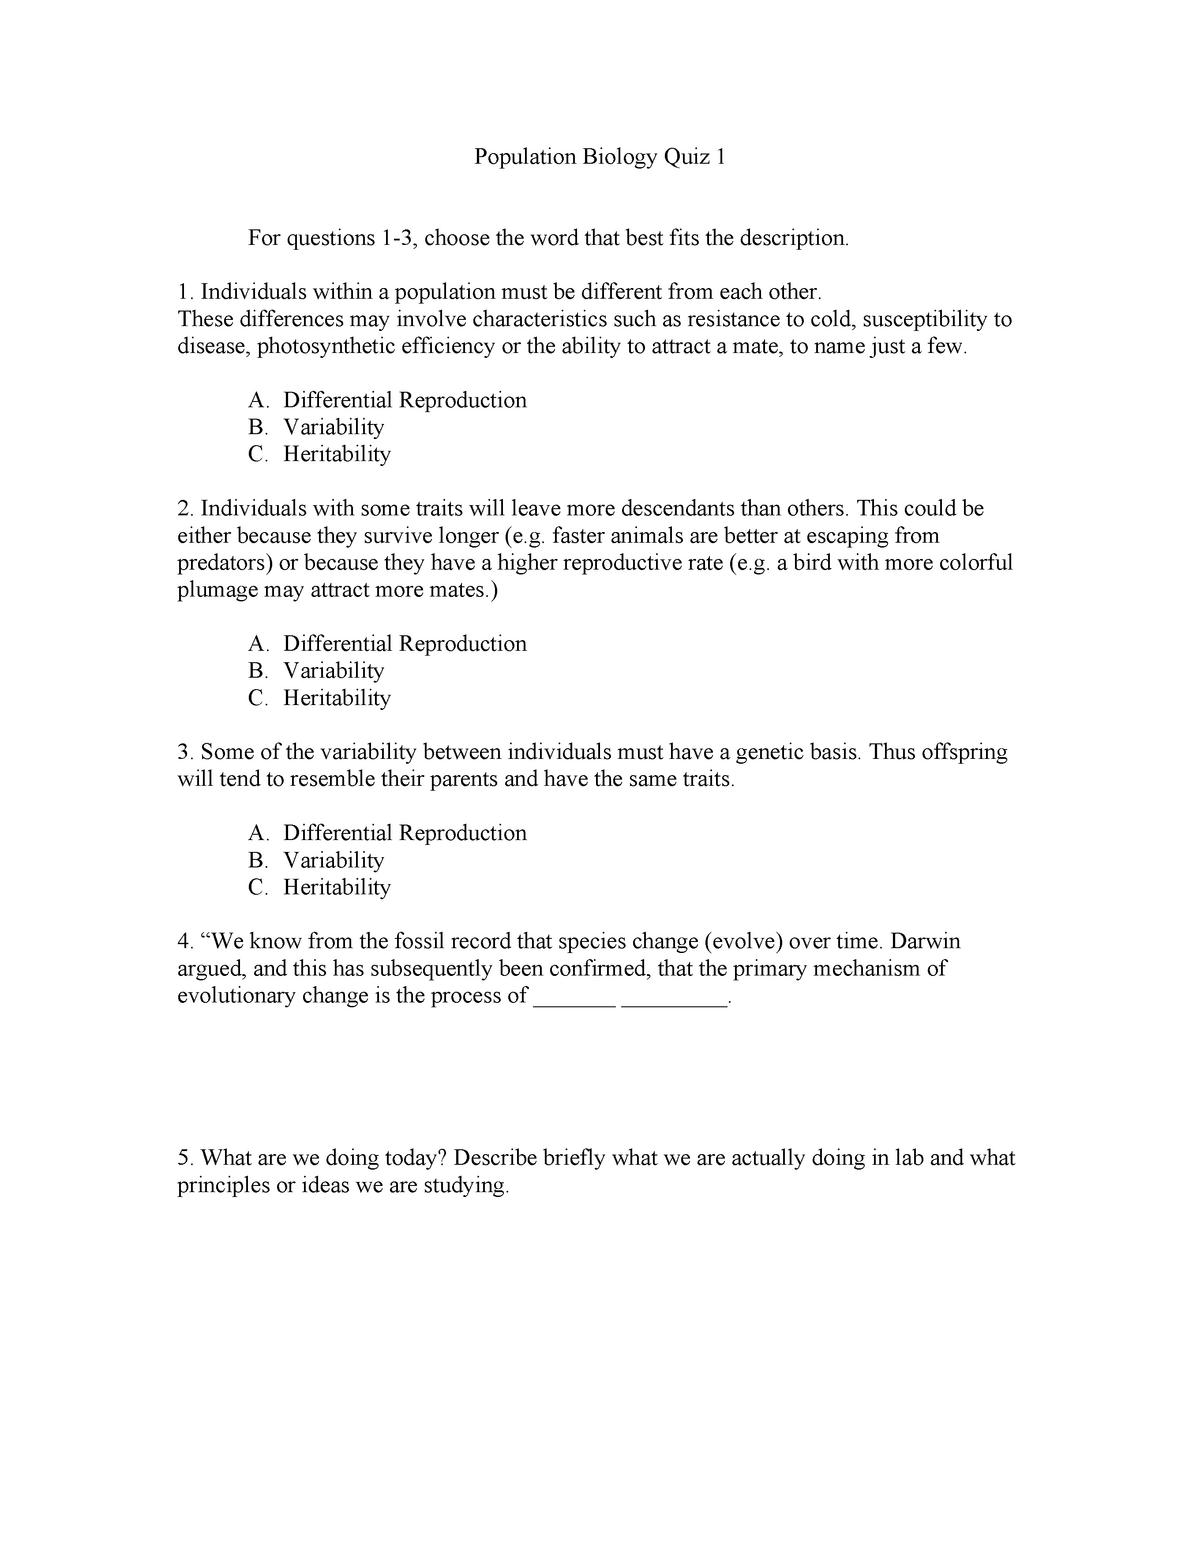 Population Biology Quiz 1 - BIO 305: Population Bio